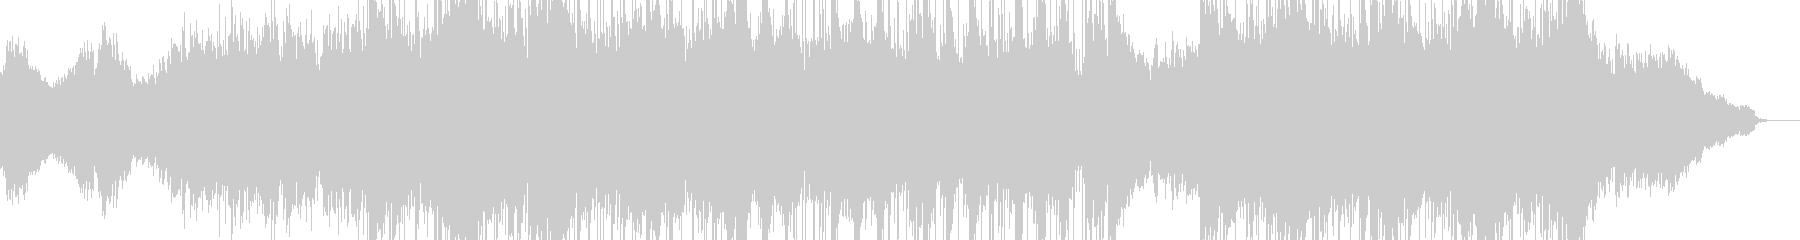 悲しみ・懊悩・不安を演出するピアノBGMの未再生の波形